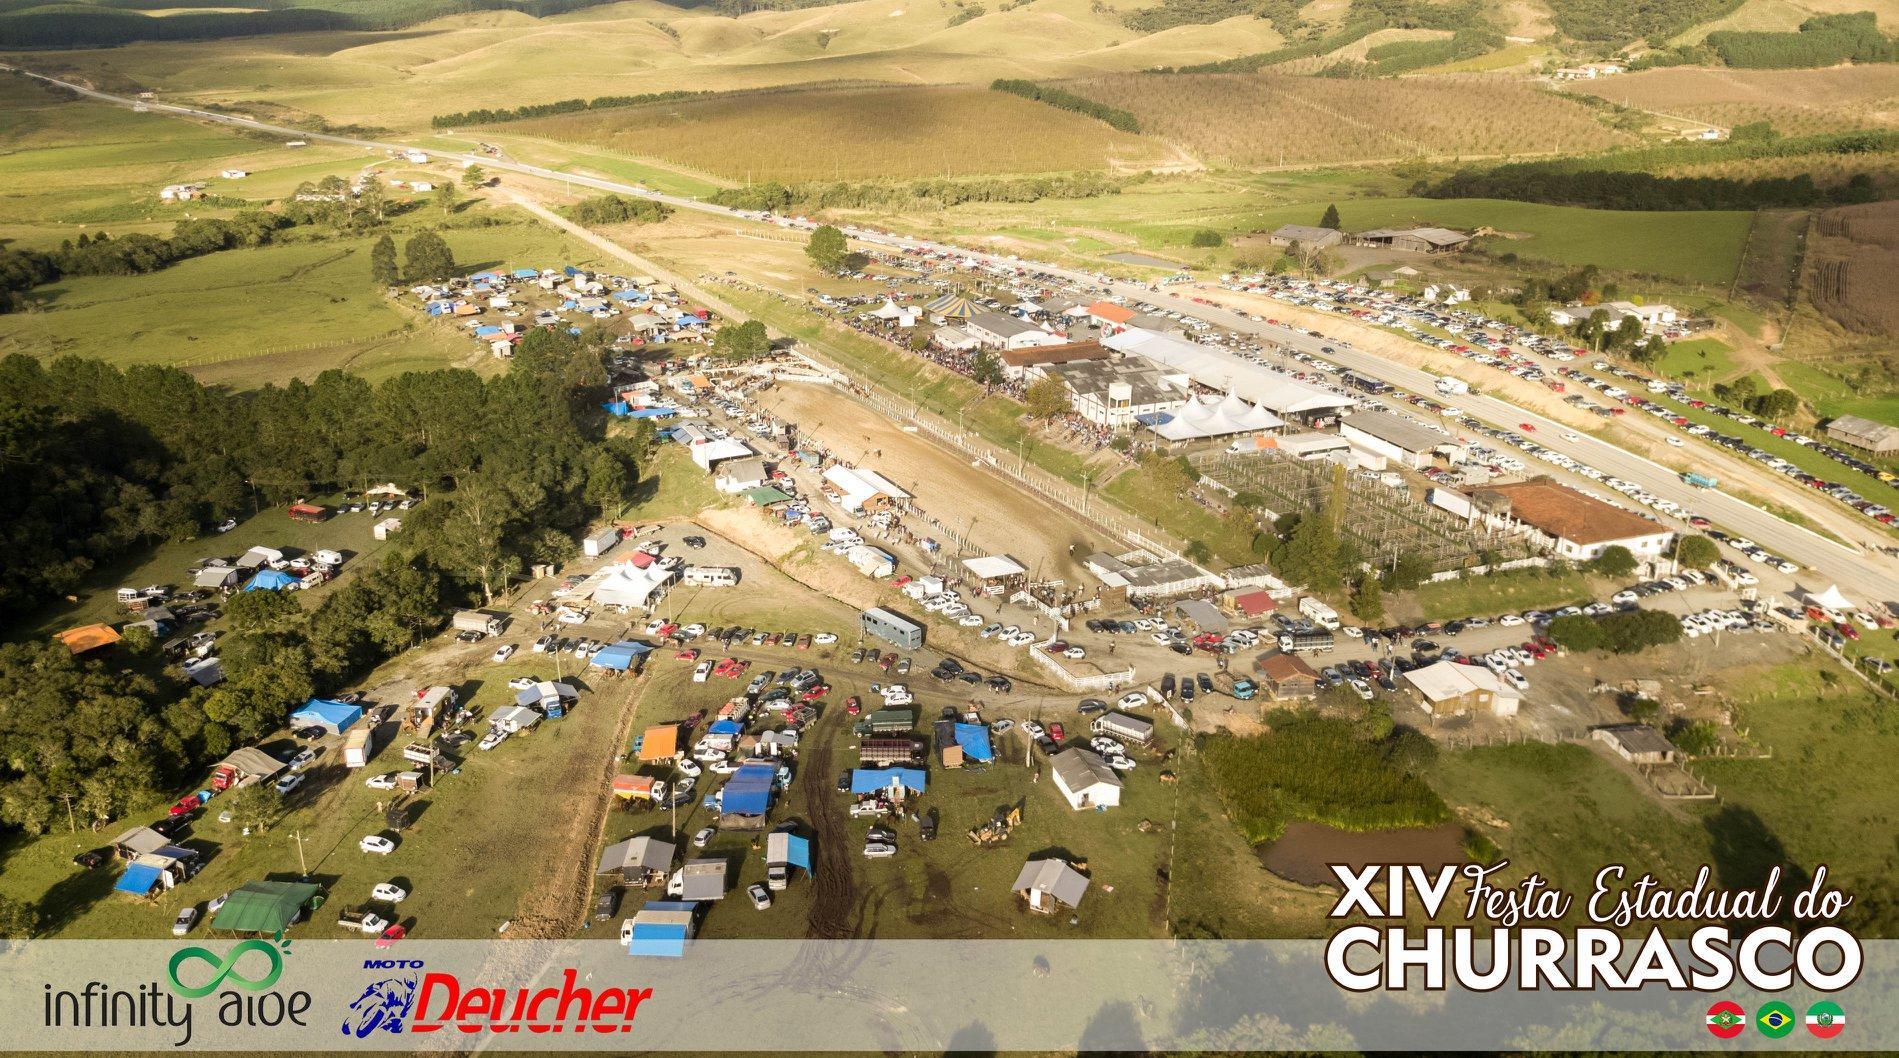 Festa Estadual do Churrasco supera expectativas em Bom Retiro